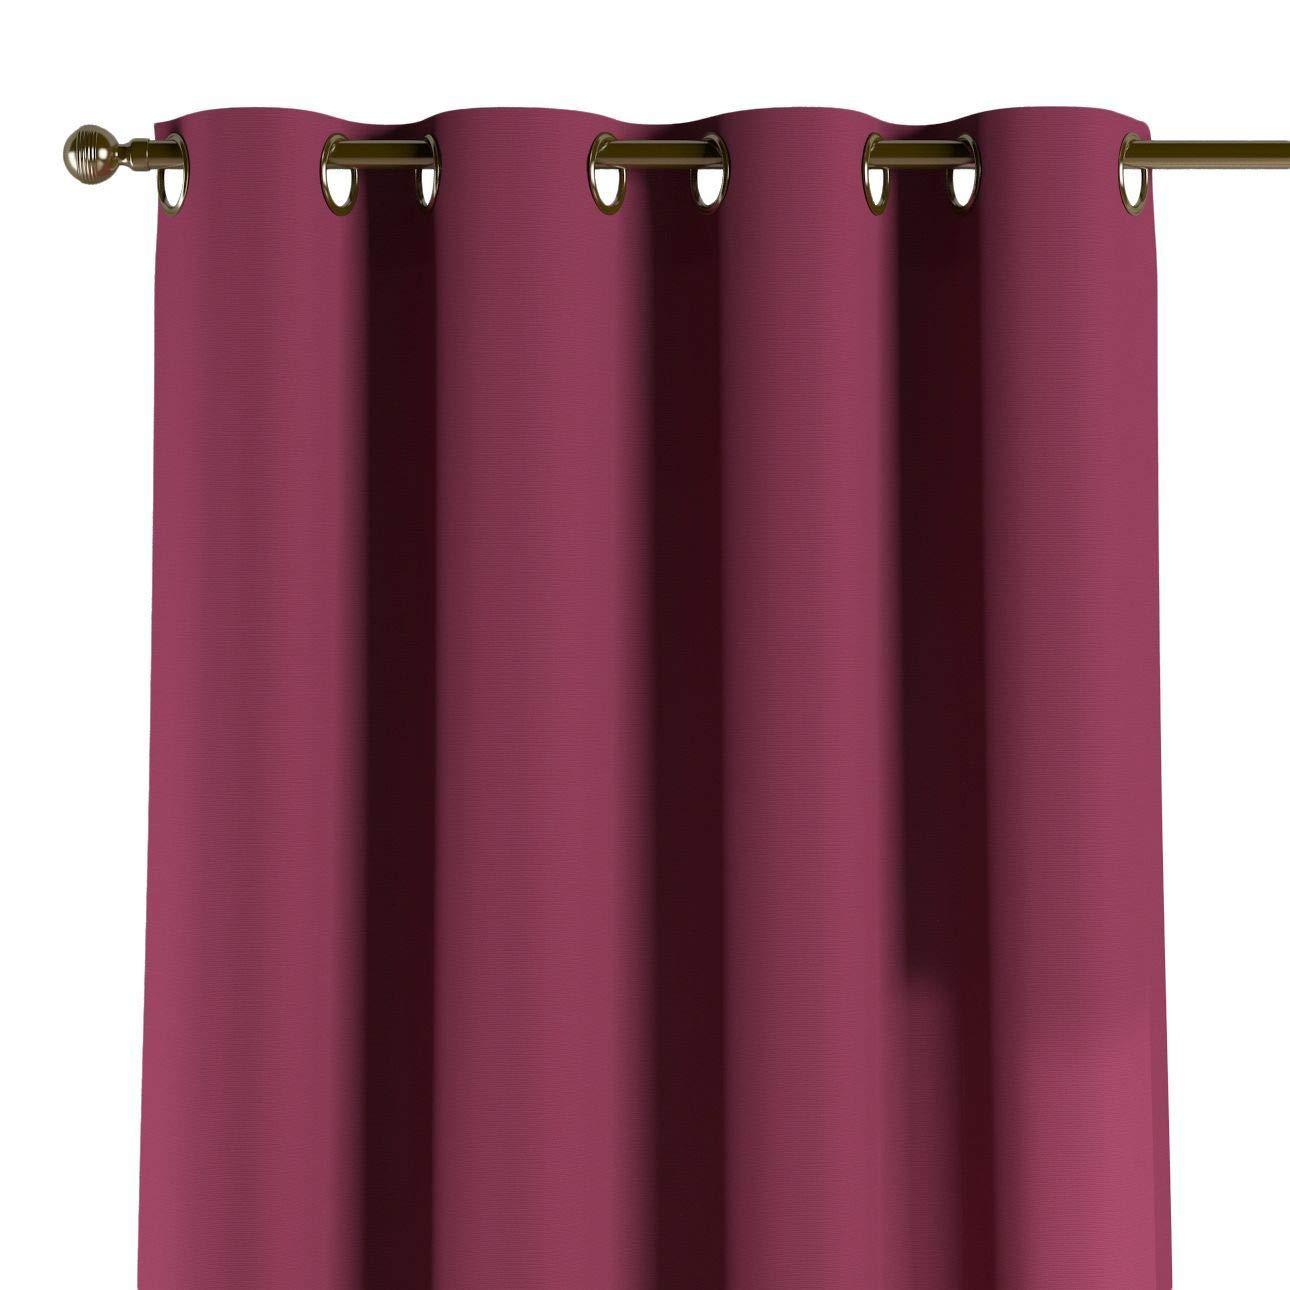 Dekoria Ösenschal Dekoschal Blickdicht 1 Stck. 130 × 260 cm Pflaume Maßanfertigung möglich